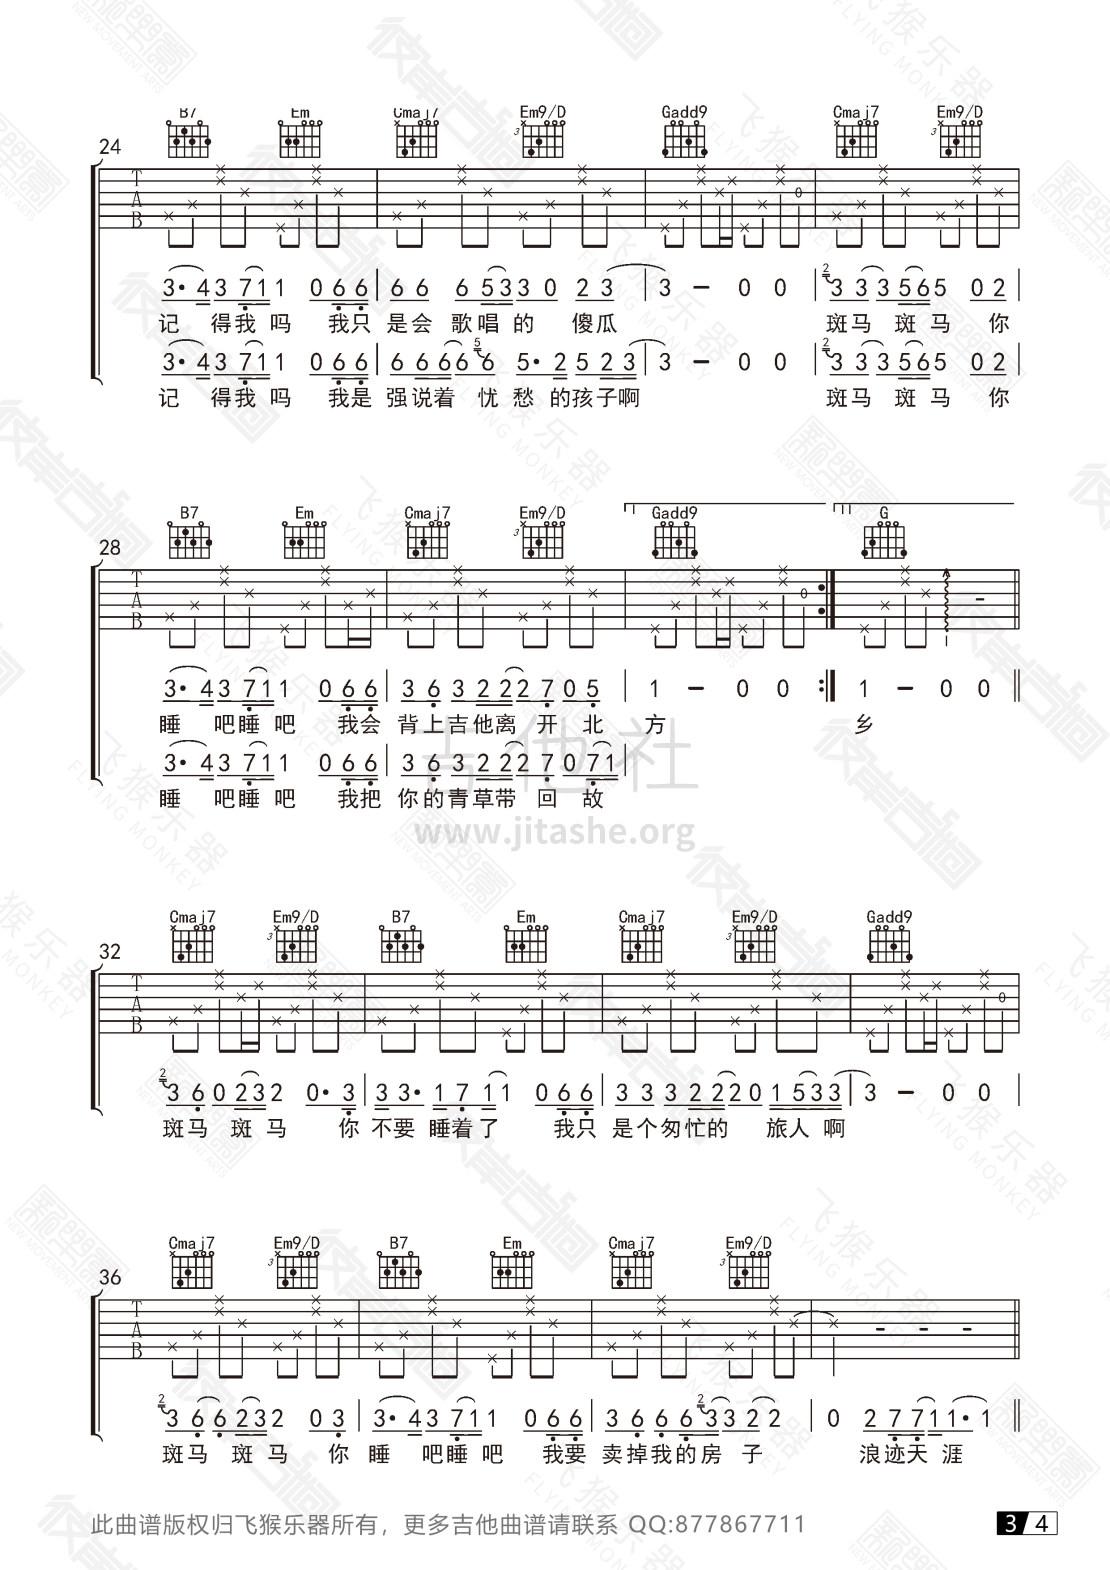 斑马,斑马(飞猴乐器版)吉他谱(图片谱,民谣,宋冬野,简单版)_宋冬野_斑马斑马03.jpg